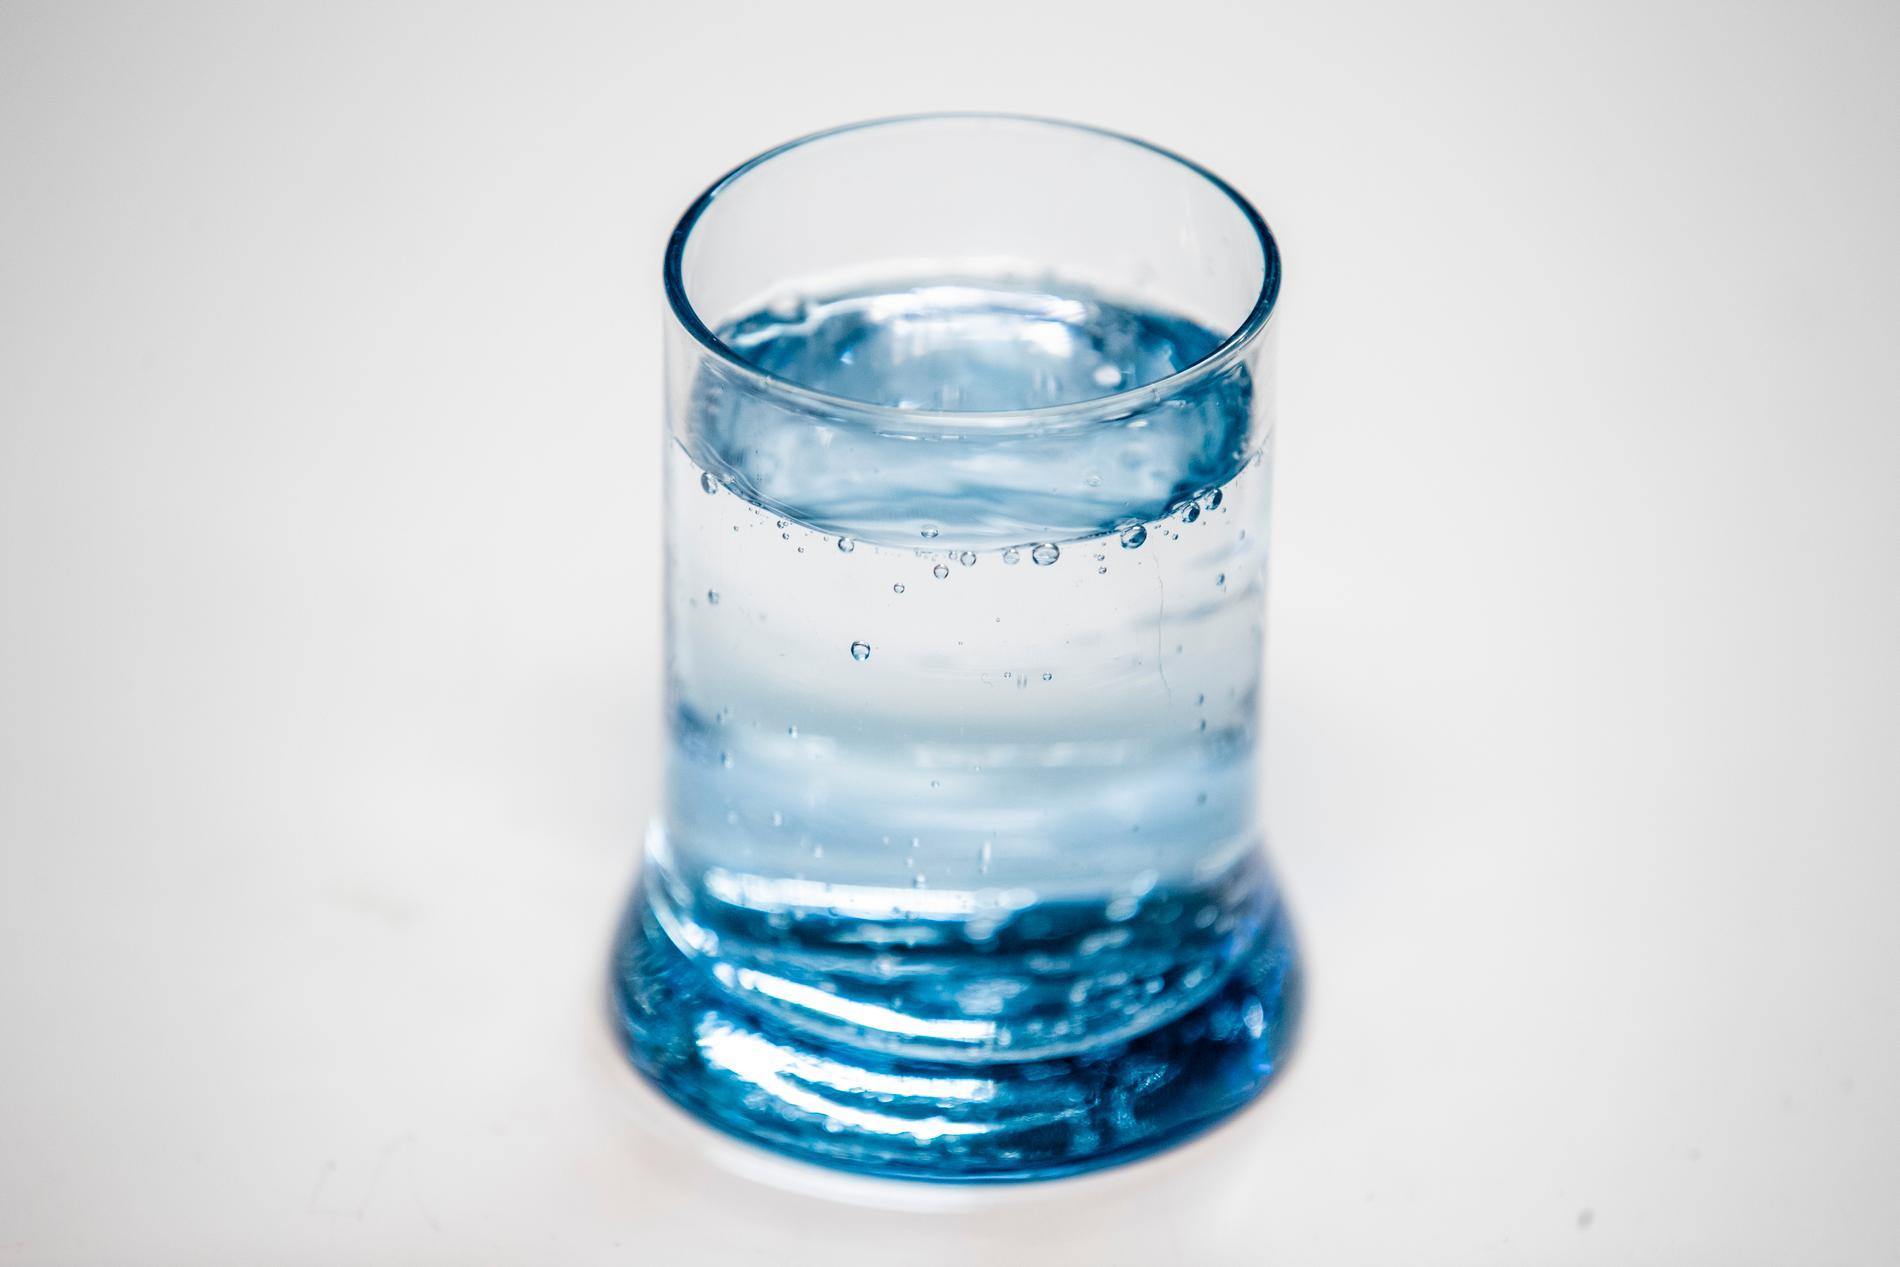 844 miljoner människor i världen saknar tillgång till rent vatten. Arkivbild.